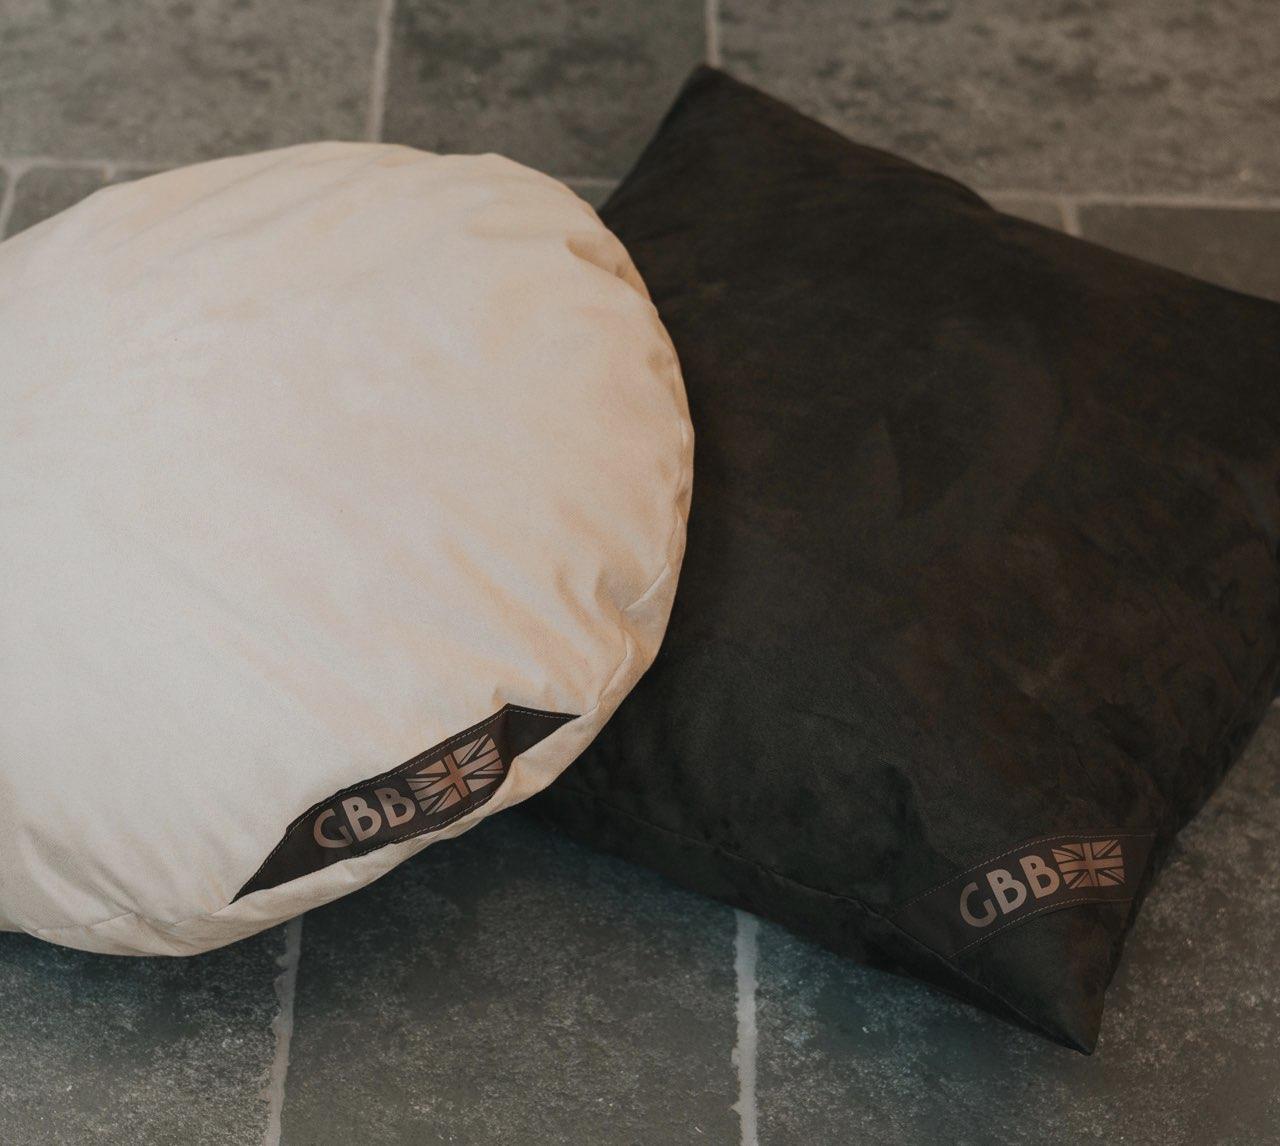 Round Cushion Bean Bags